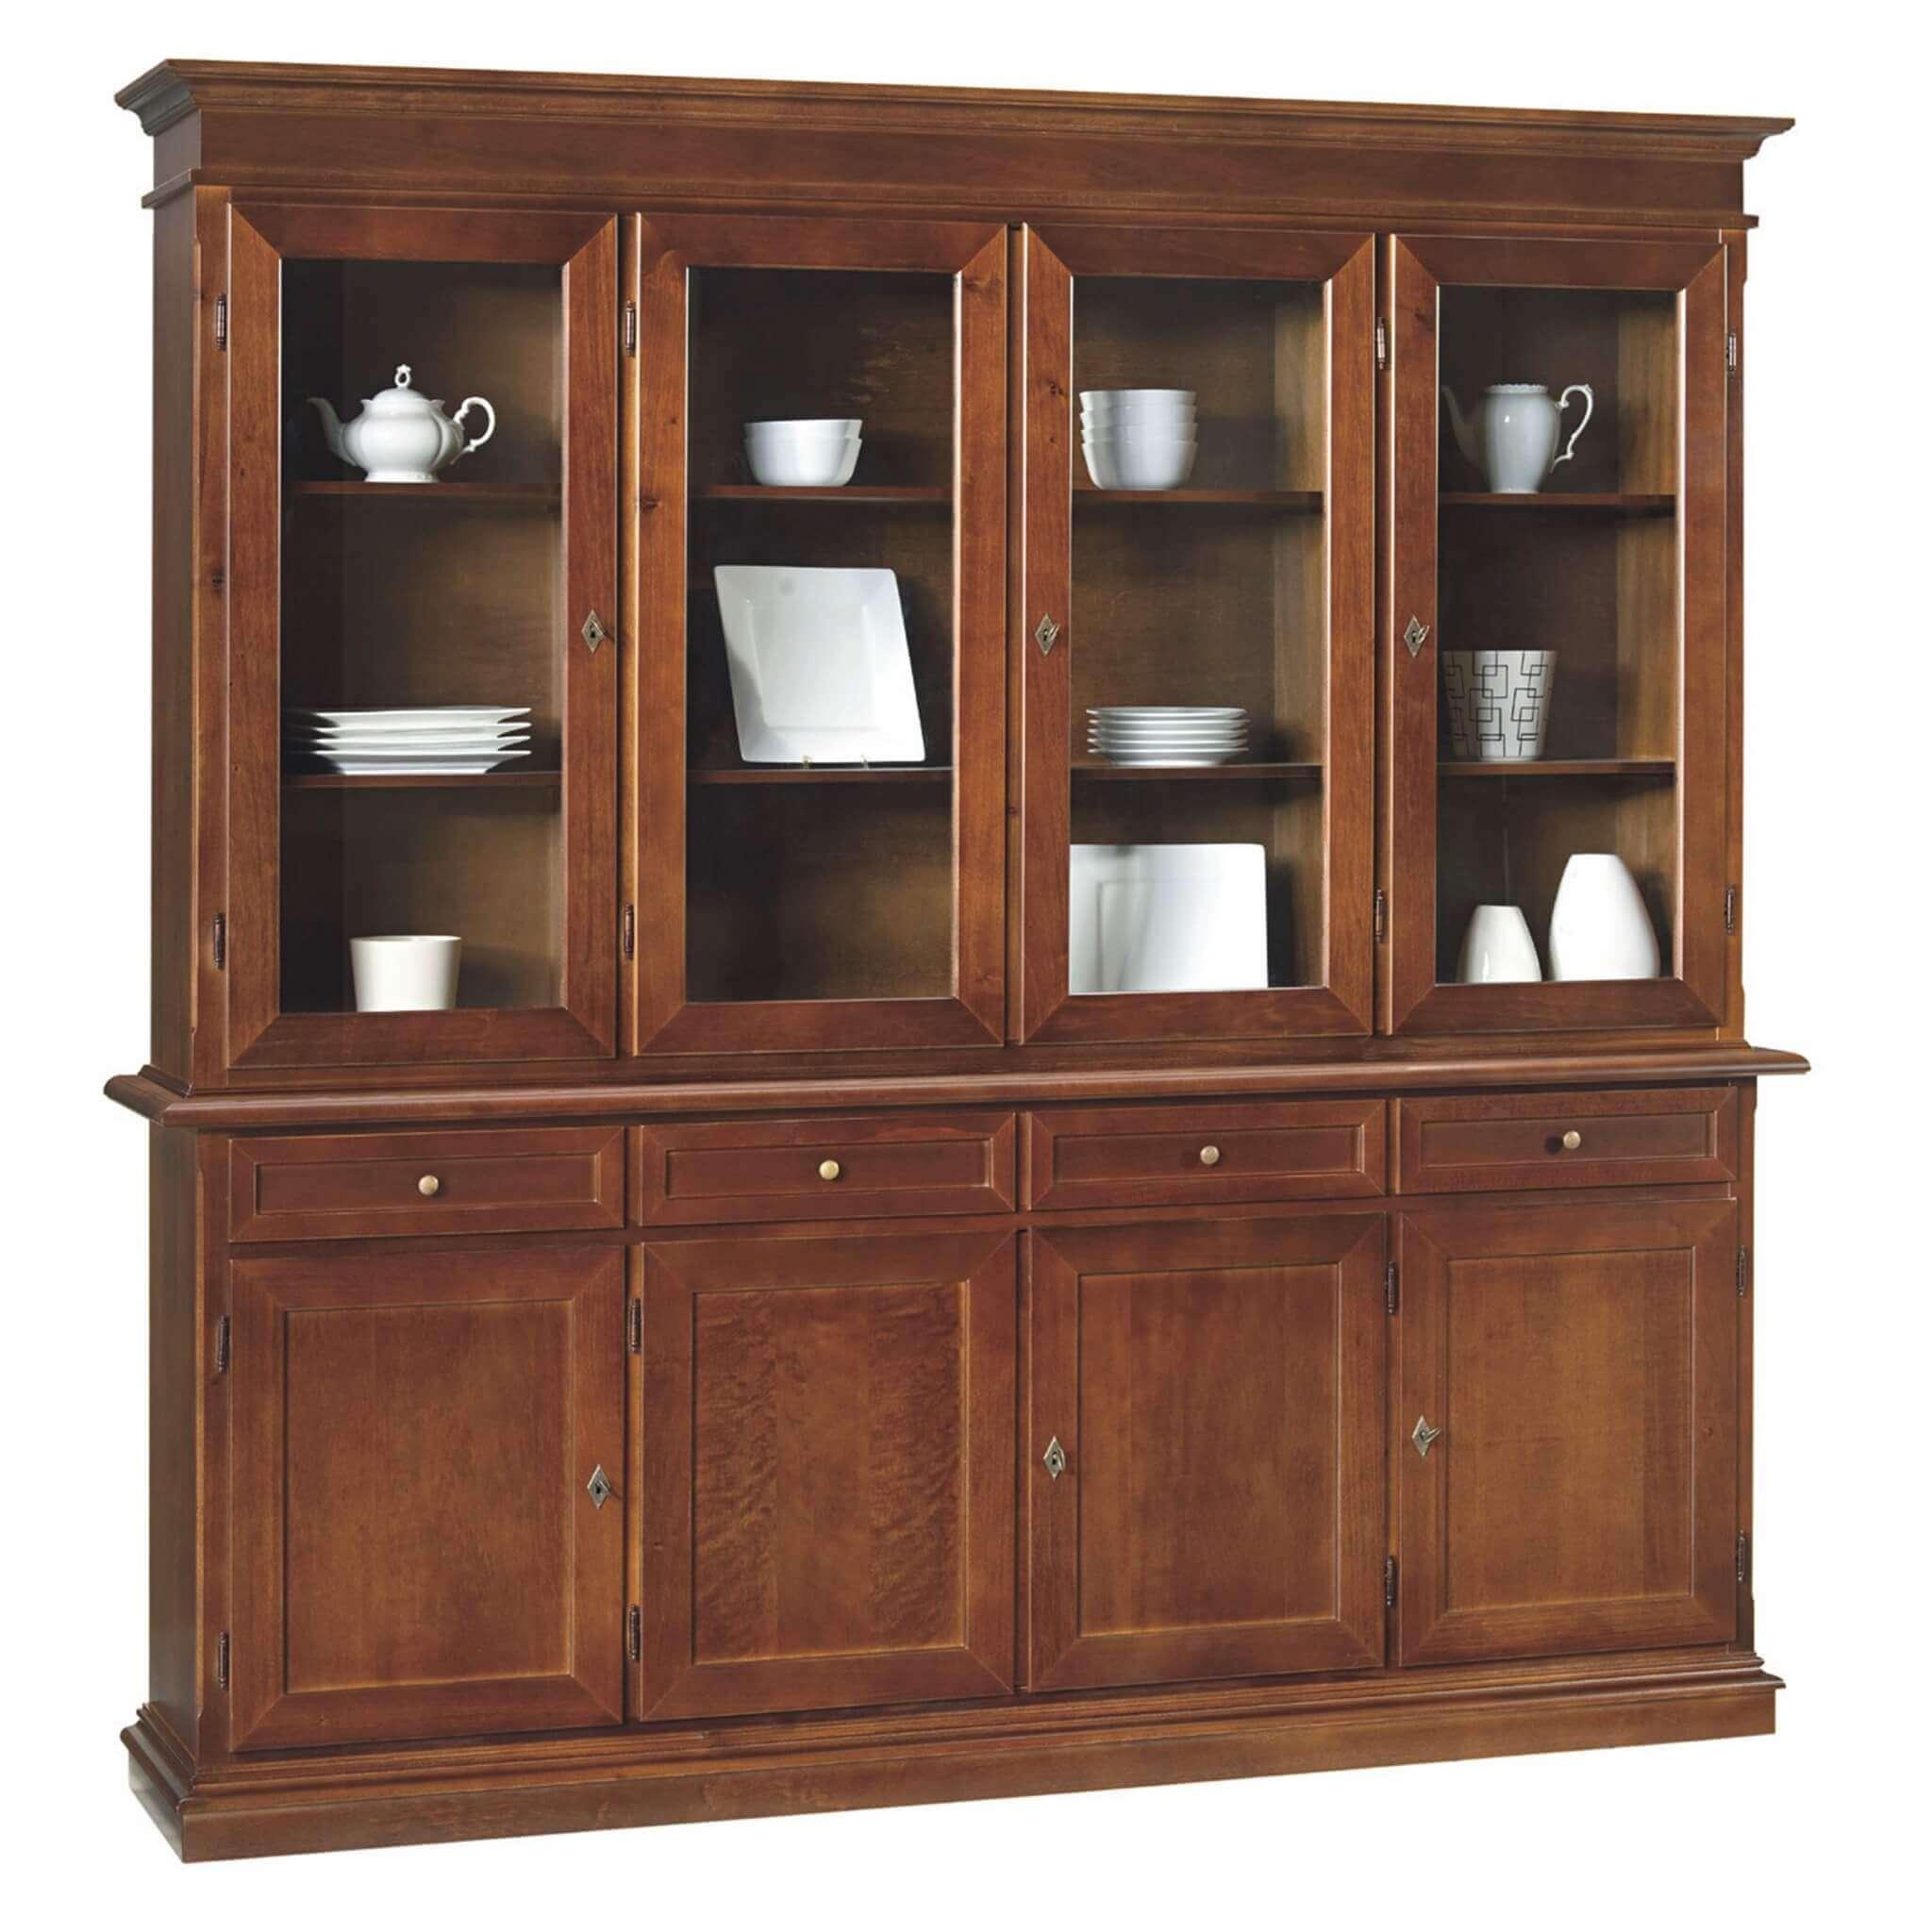 milani home jaqueline - credenza con vetrina in legno massello 205 x 42 x 205